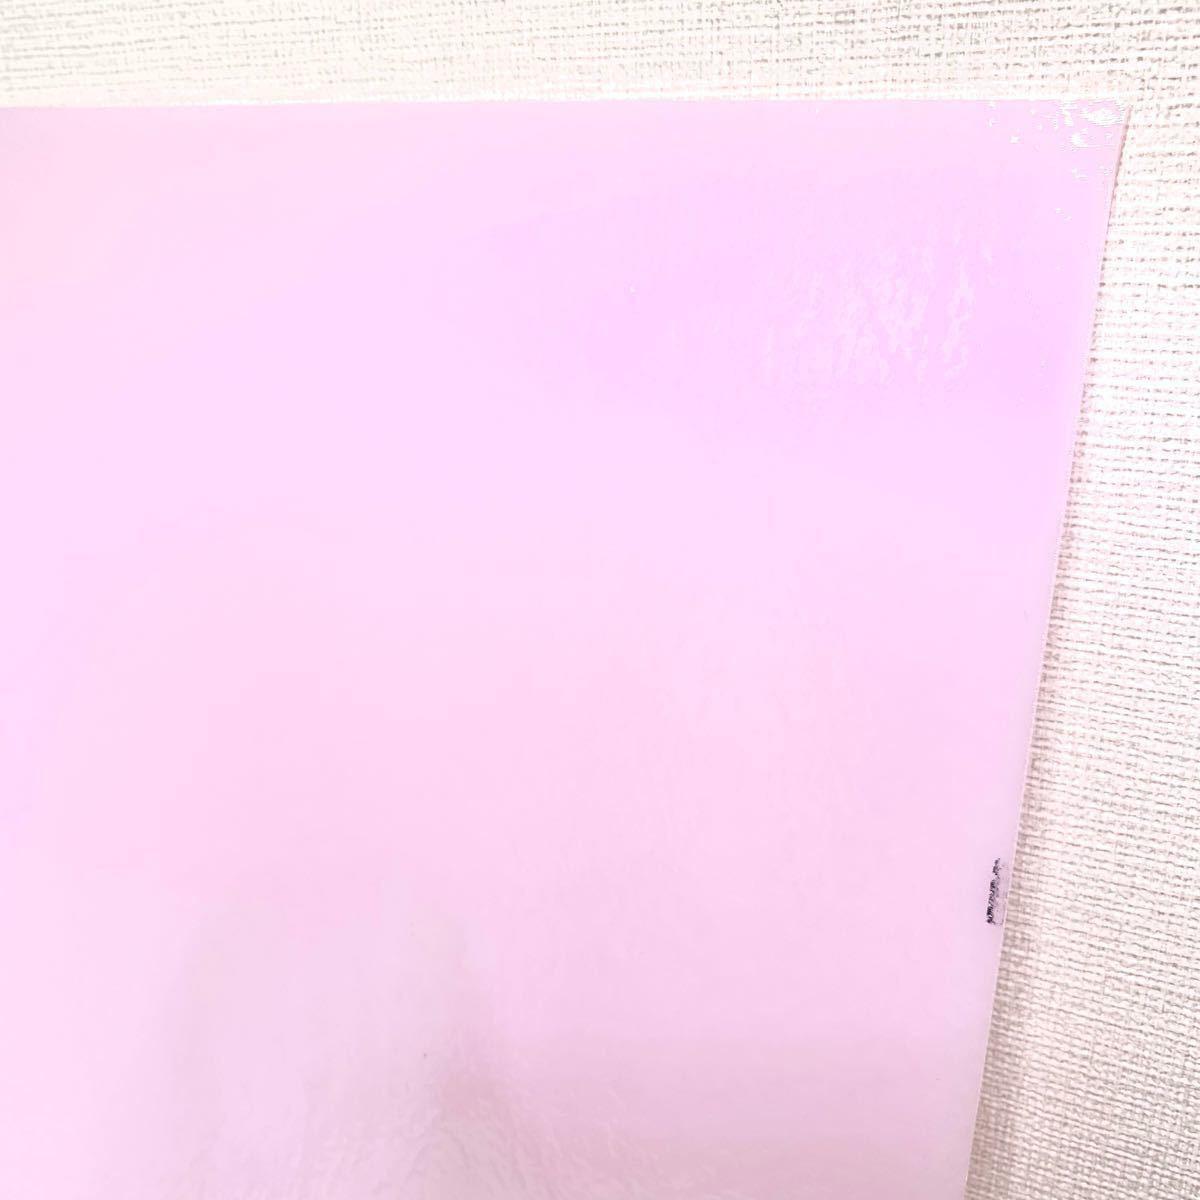 ステンドグラス 材料 BUフュージング 421 ピンク 不透明